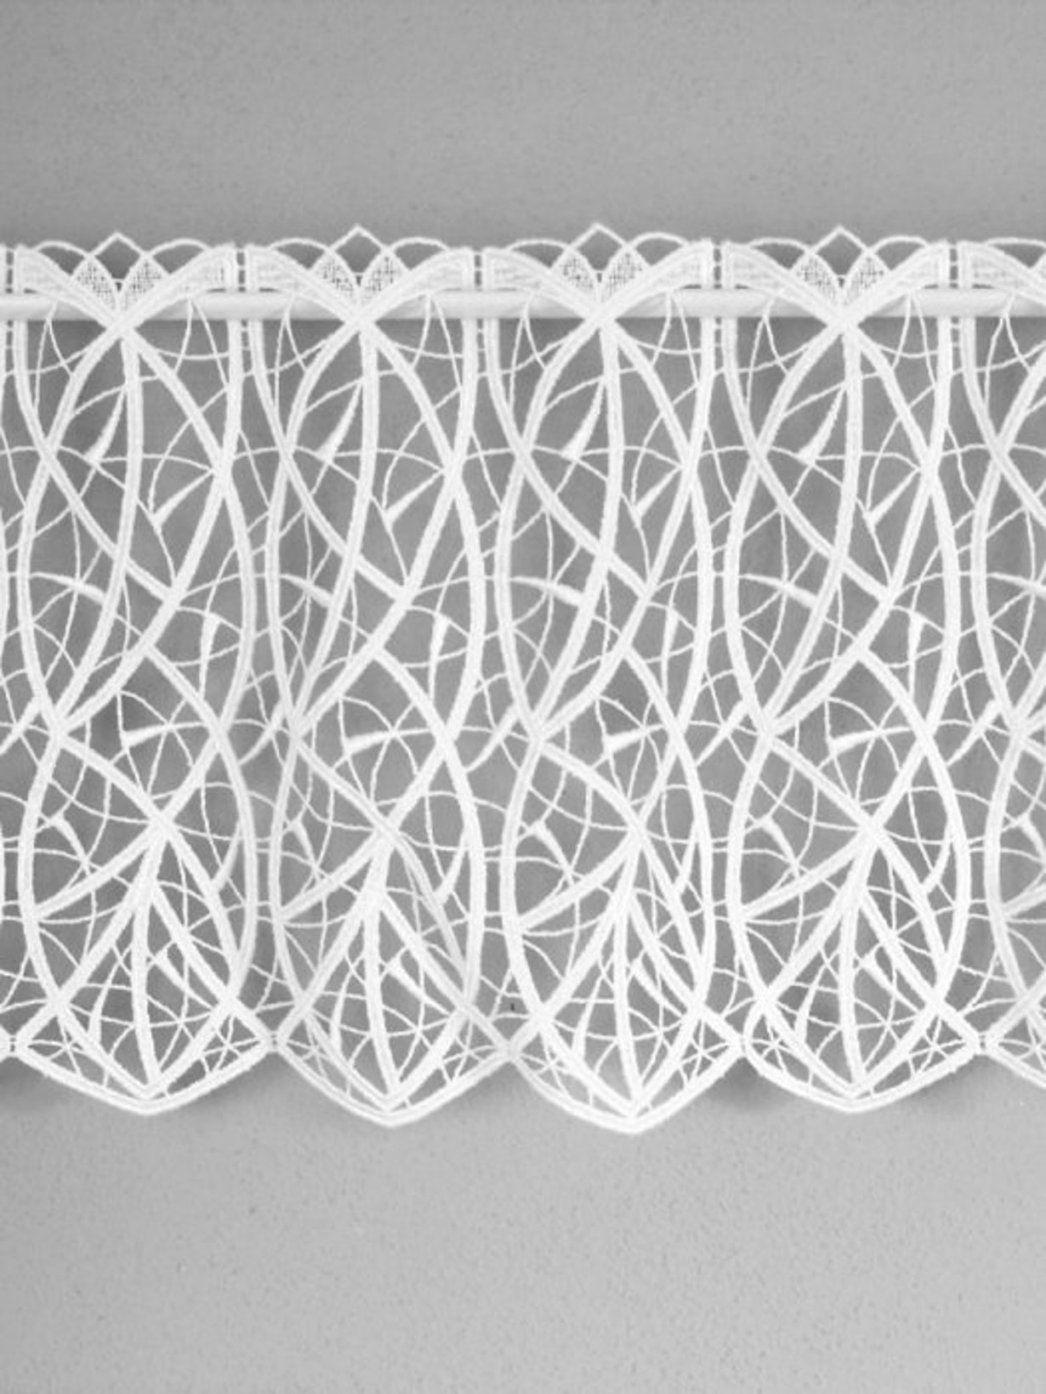 Plauener Spitze Gardinen Zeitgenössisch Standbild Kategorie 0000051 von Plauener Spitze Gardinen Werksverkauf Bild